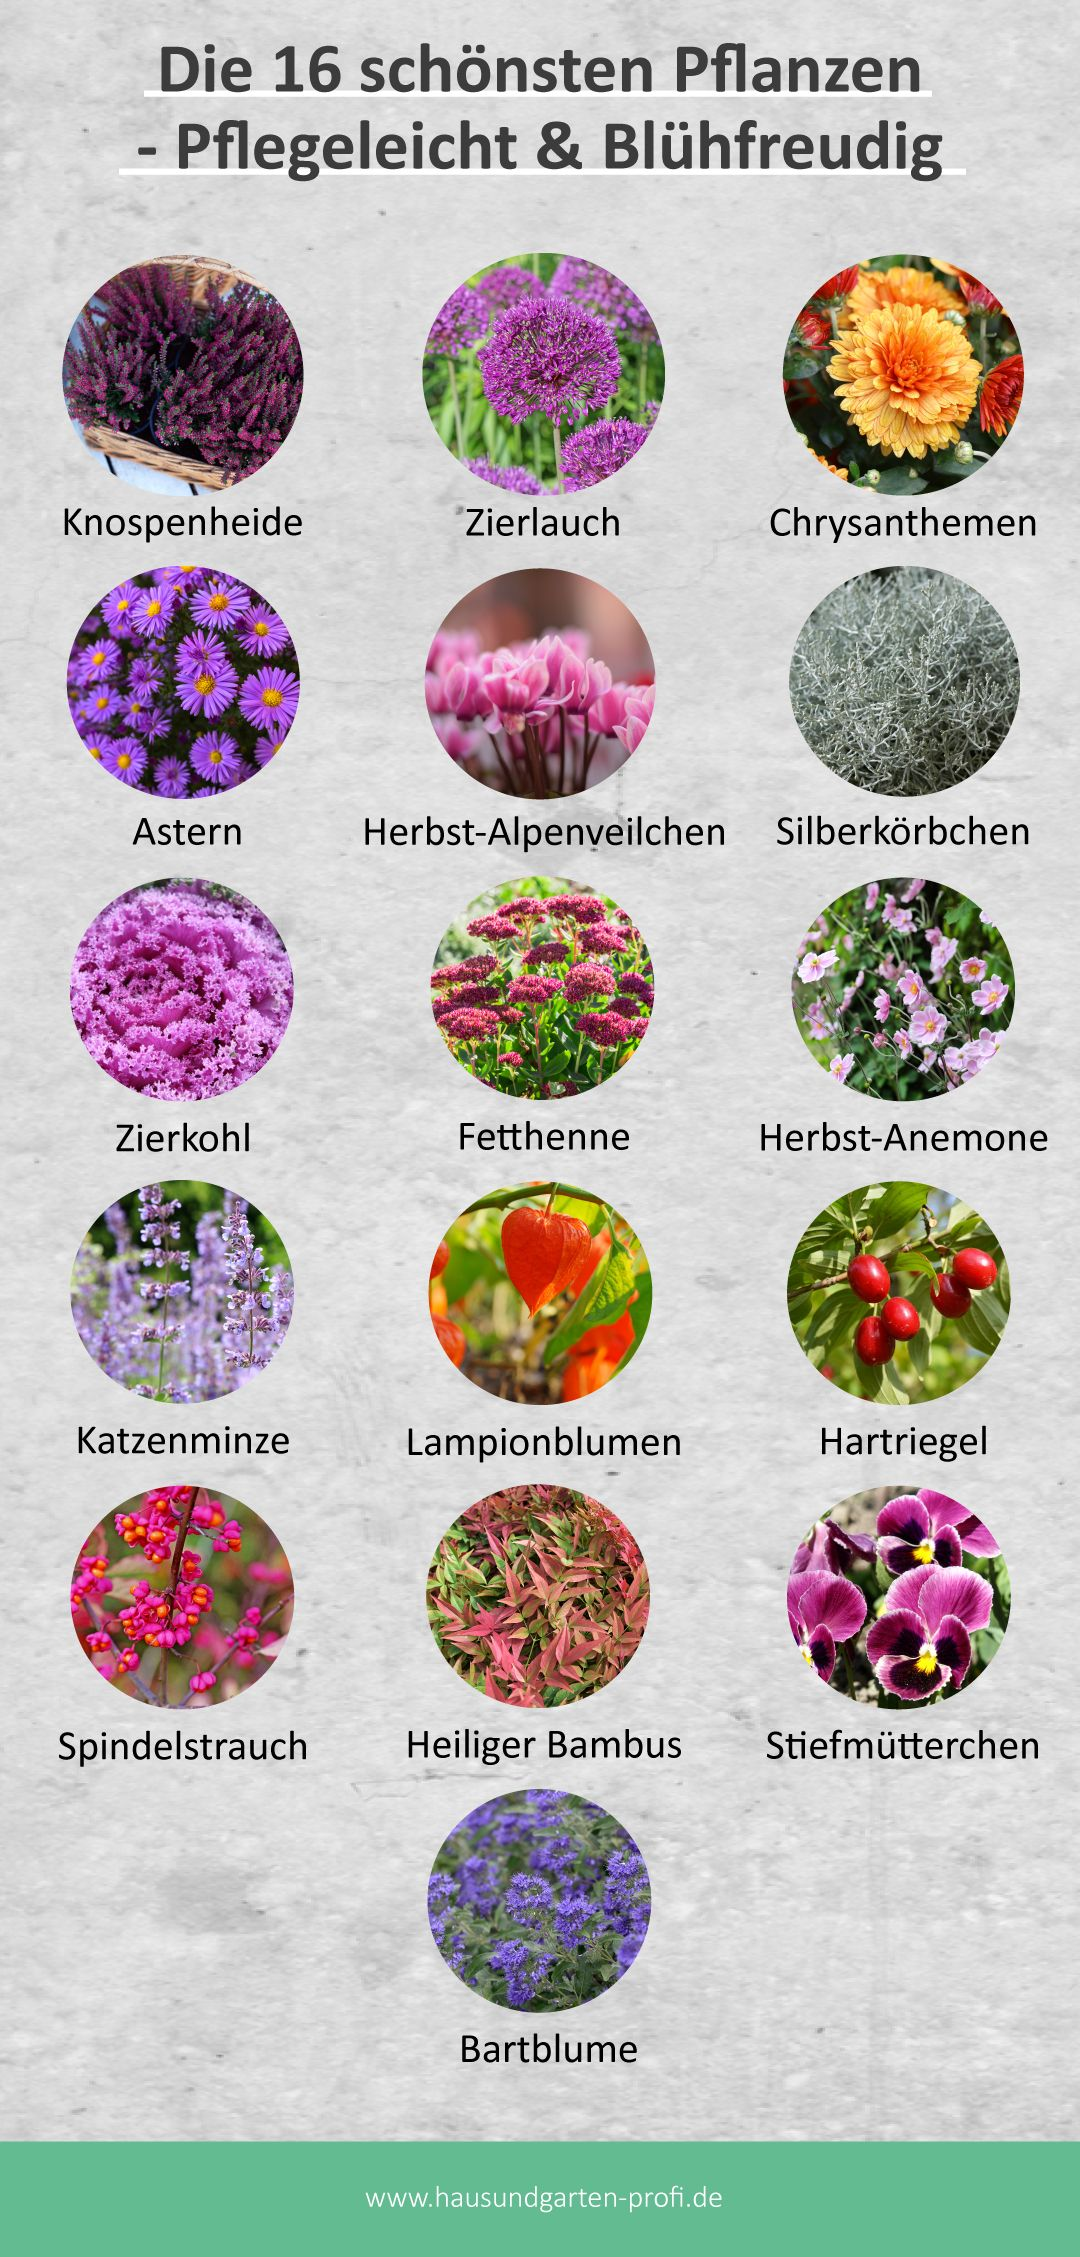 Herbstbepflanzung – Die 16 schönsten Pflanzen für den Herbst!